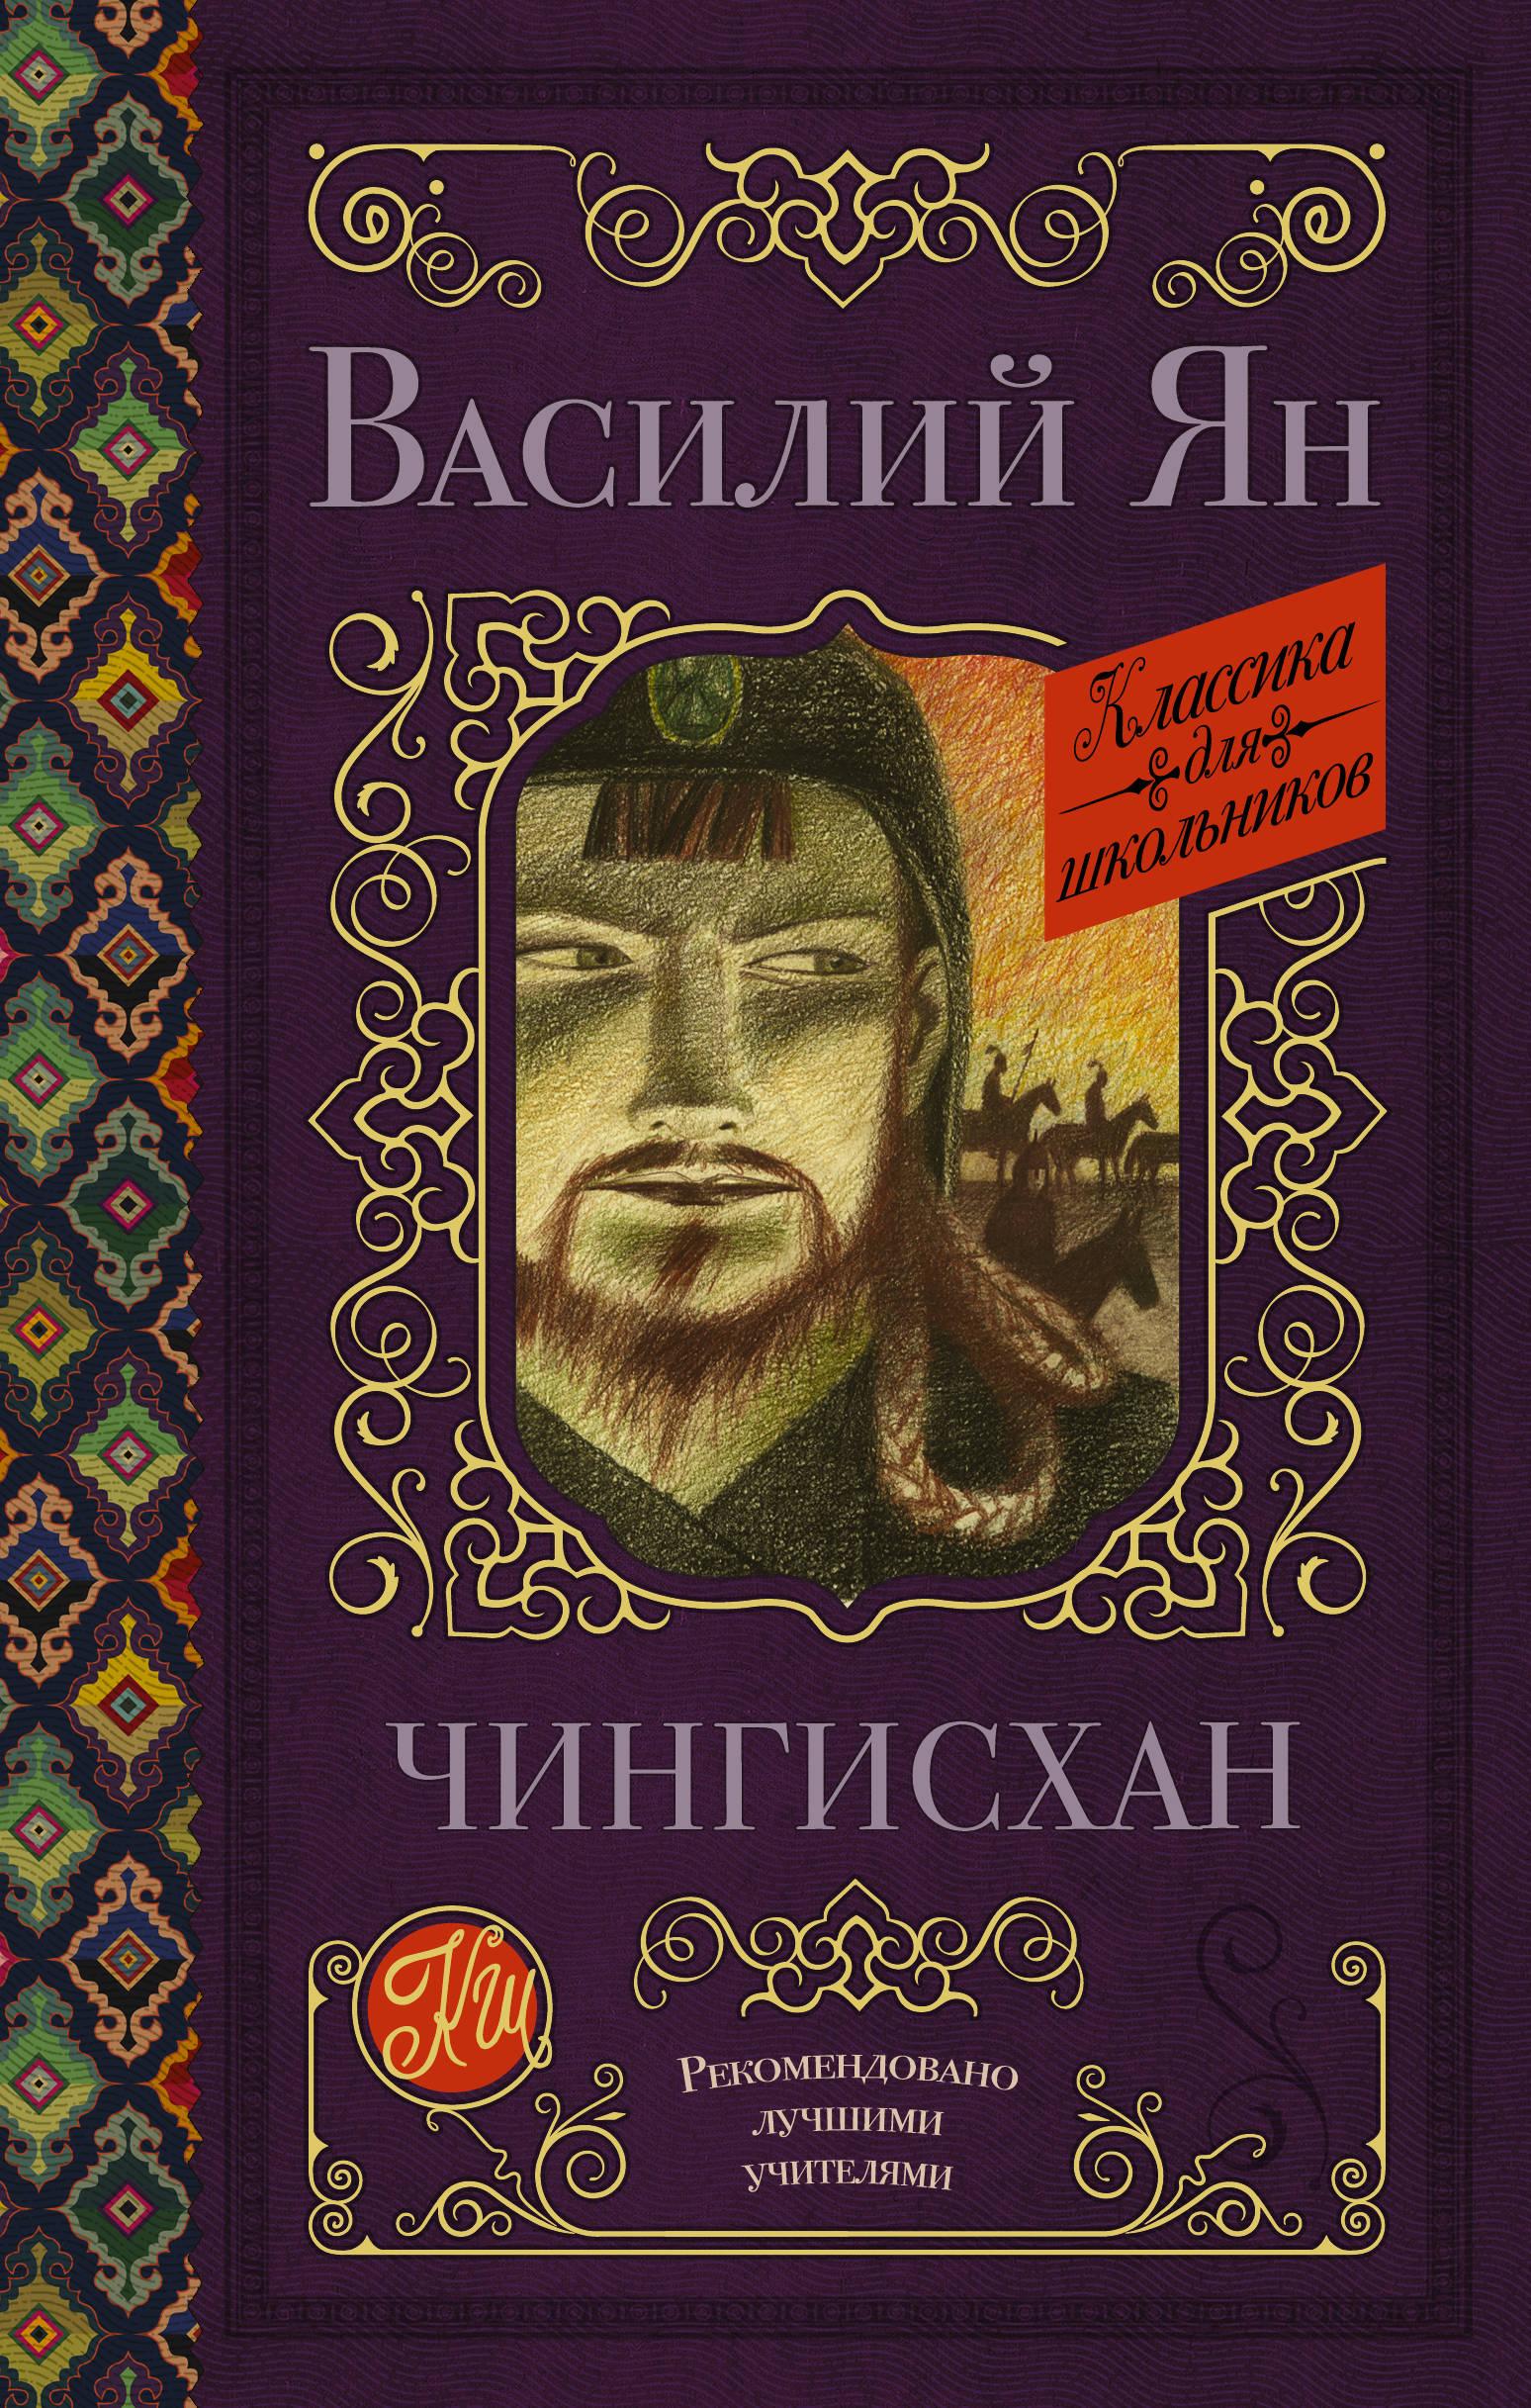 Василий Ян Чингисхан недорого